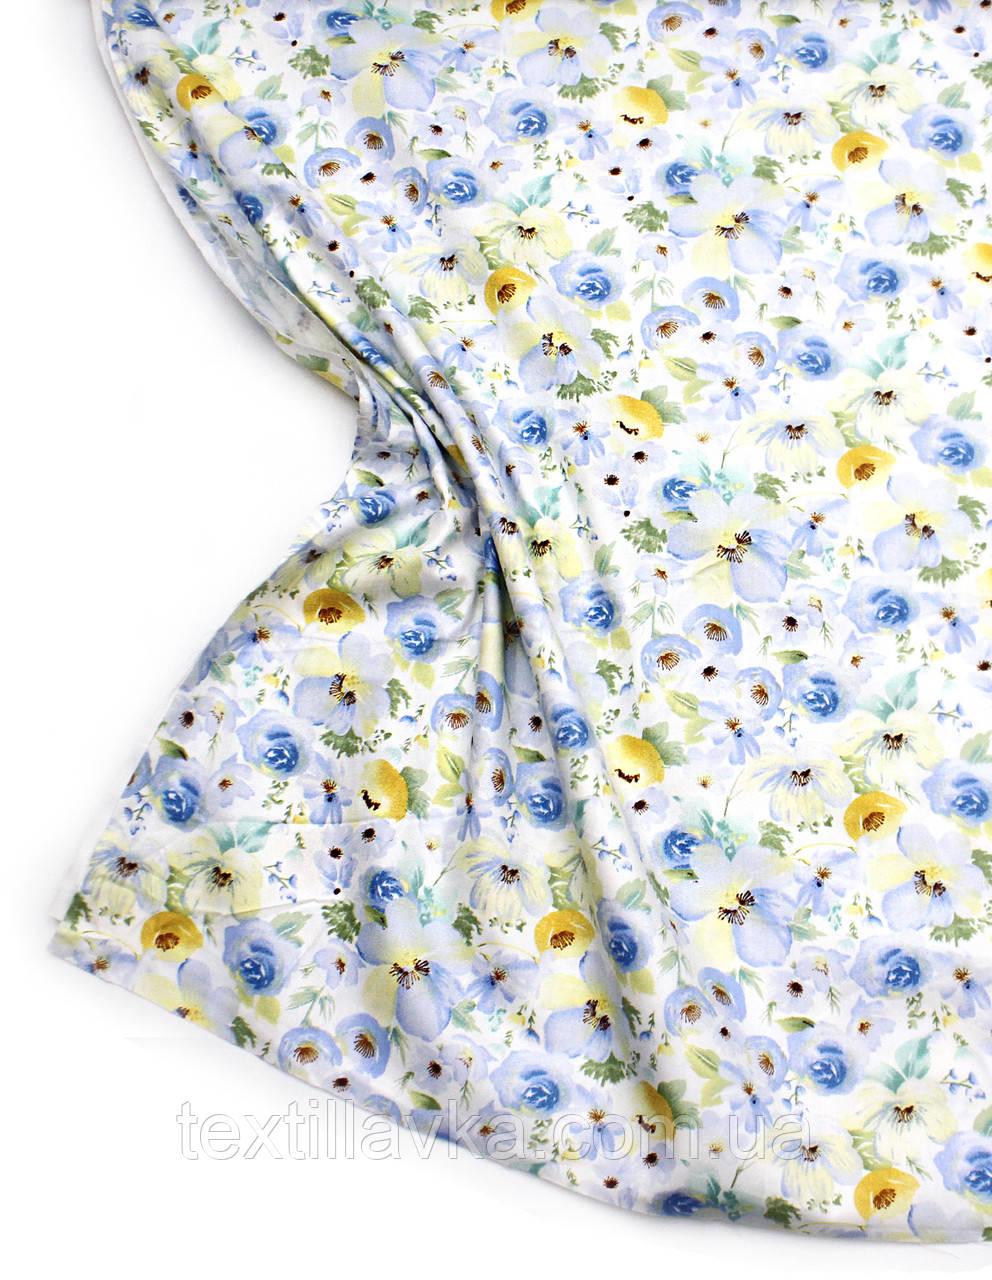 Ткань хлопок крупные цветы